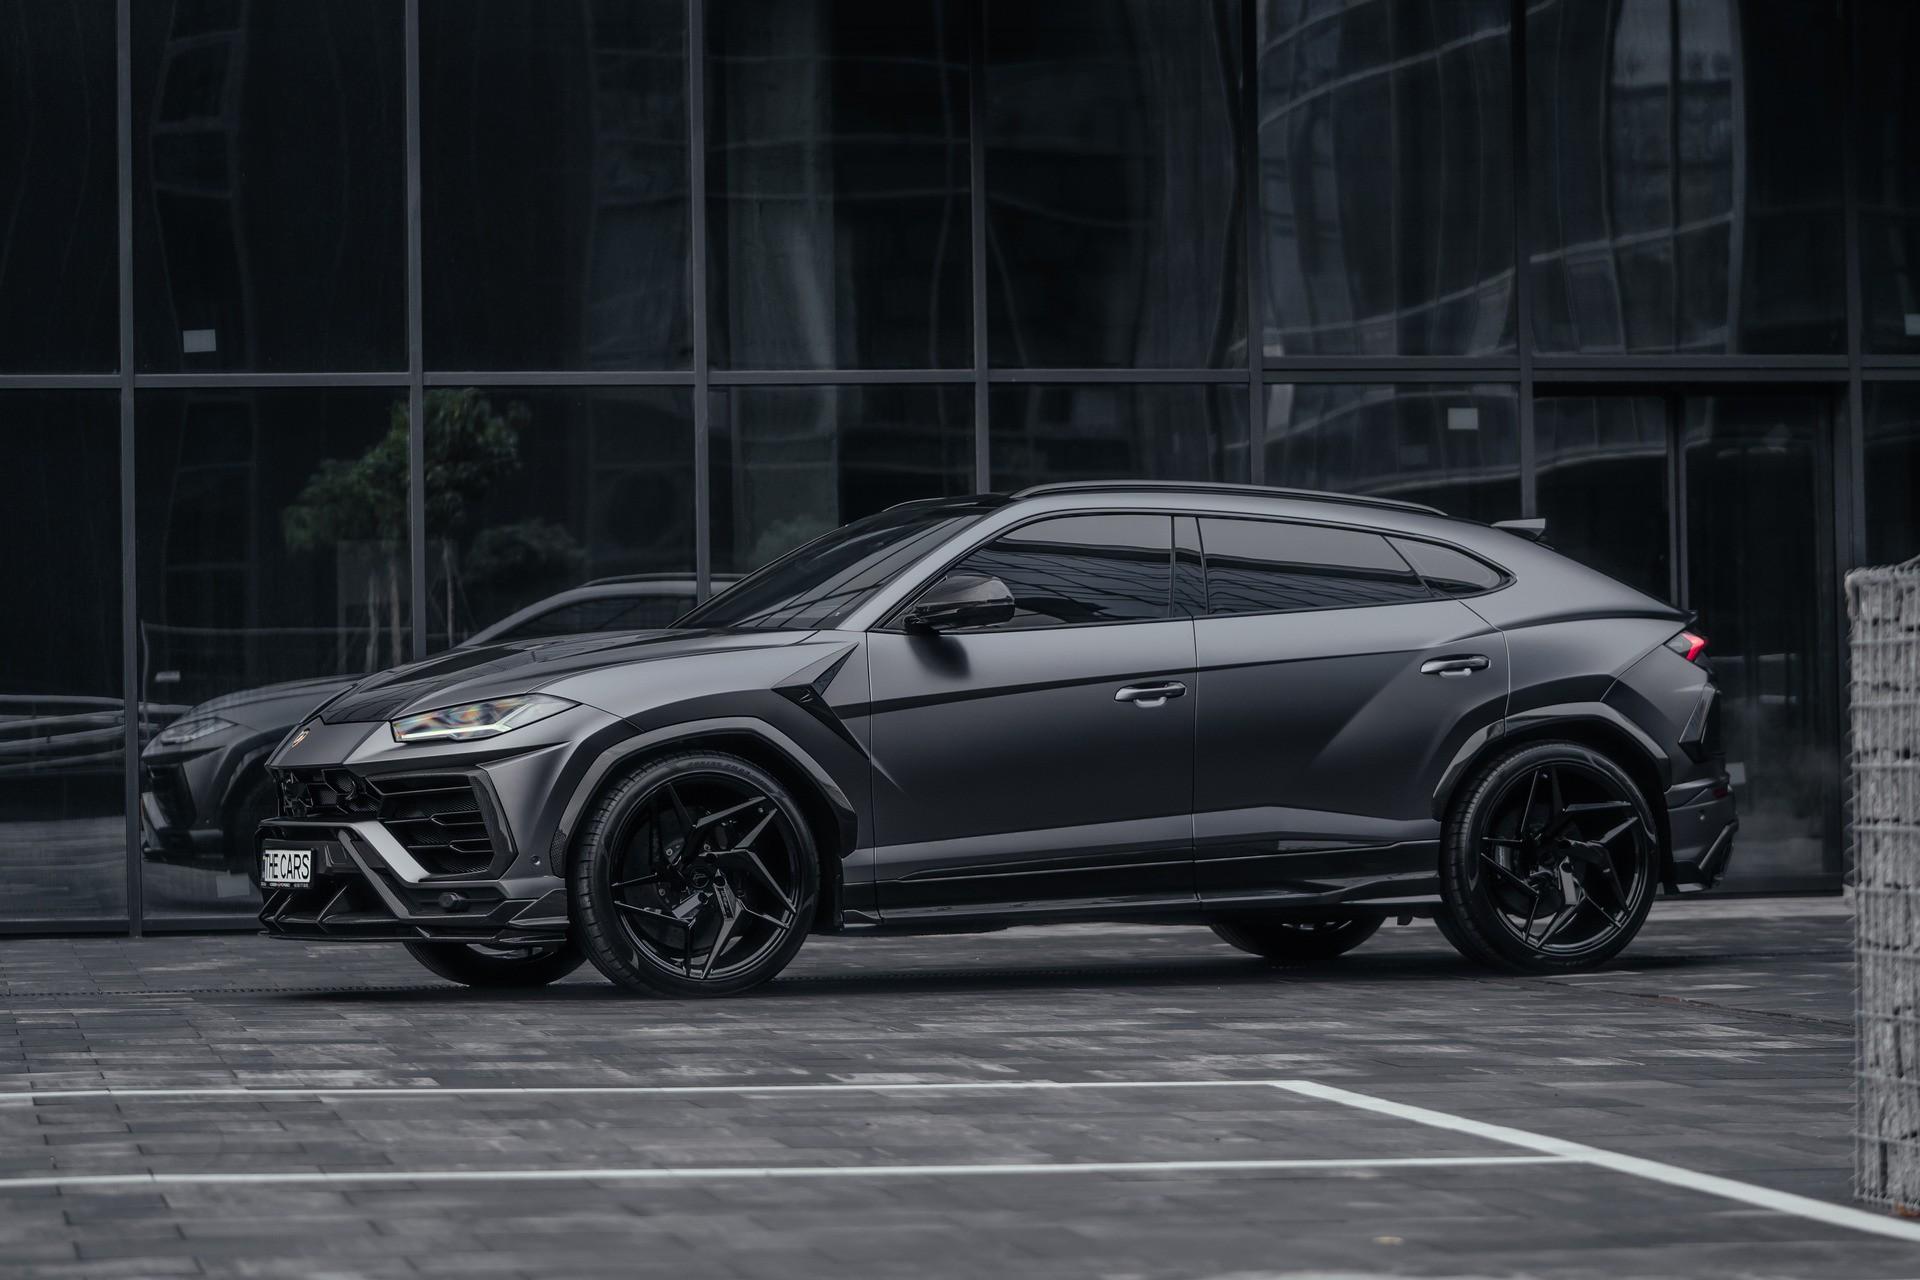 В Украине заметили крутой тюнингованный Lamborghini